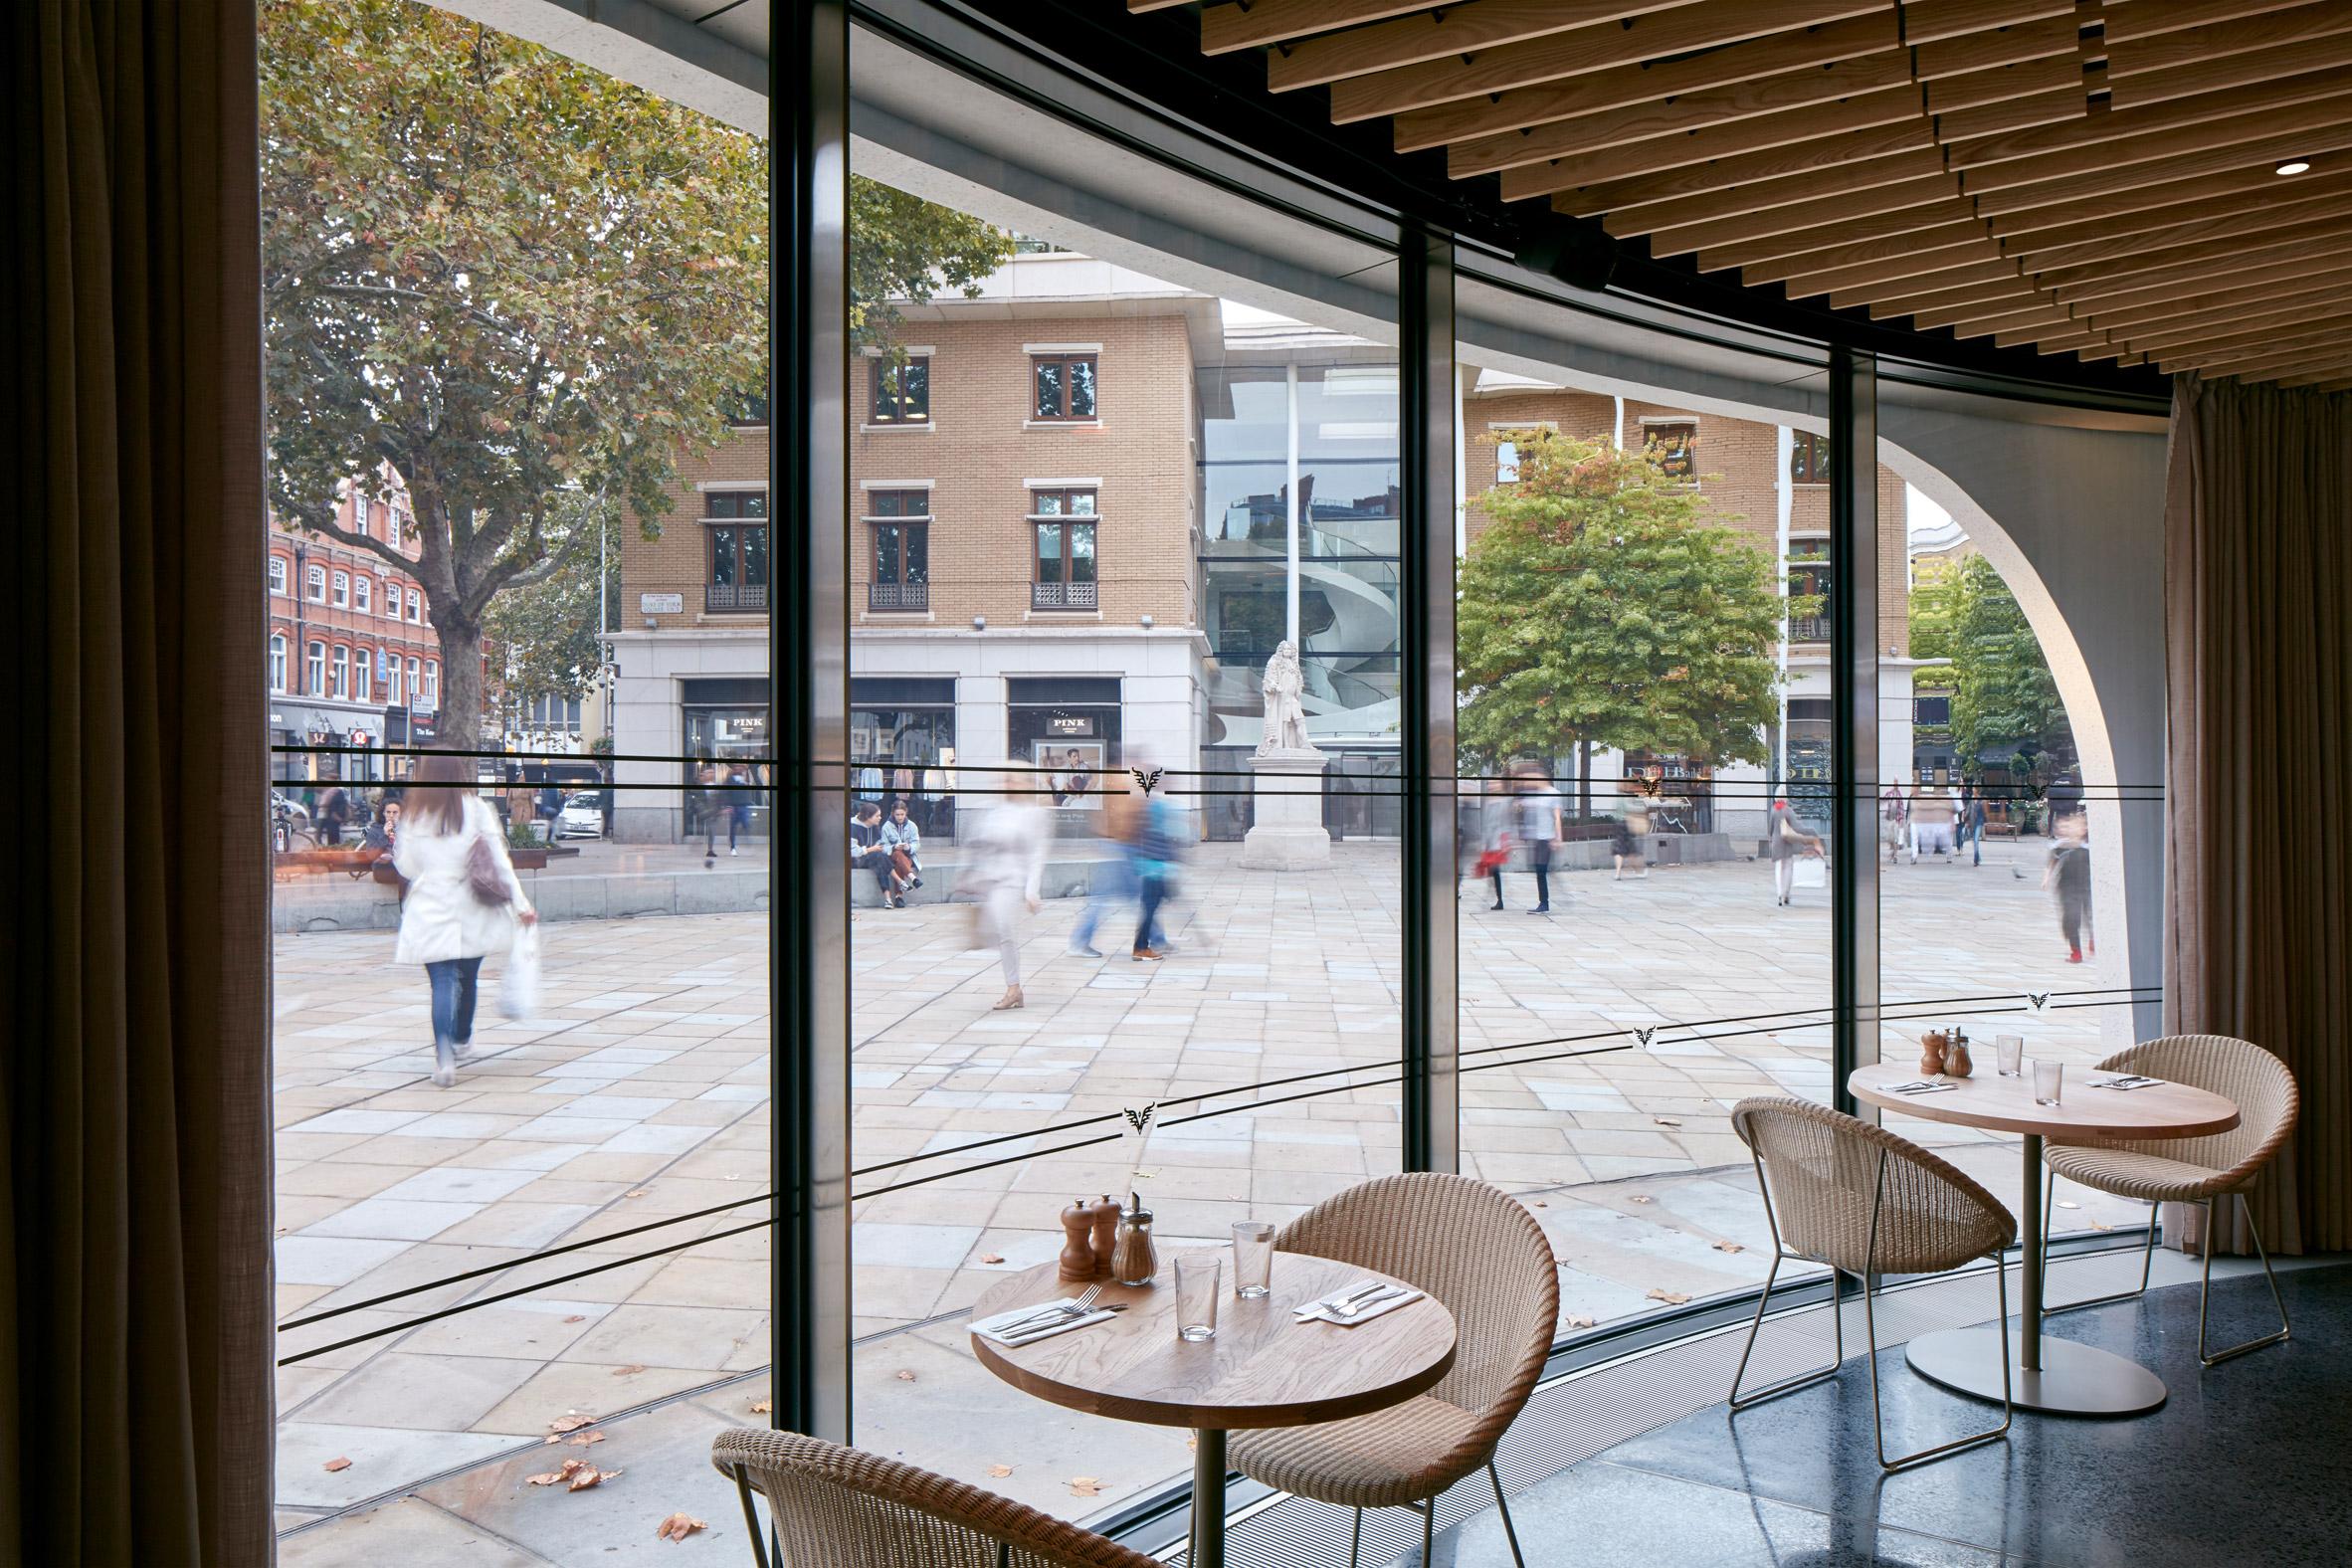 Thiết kế quán cafehiện đại 4